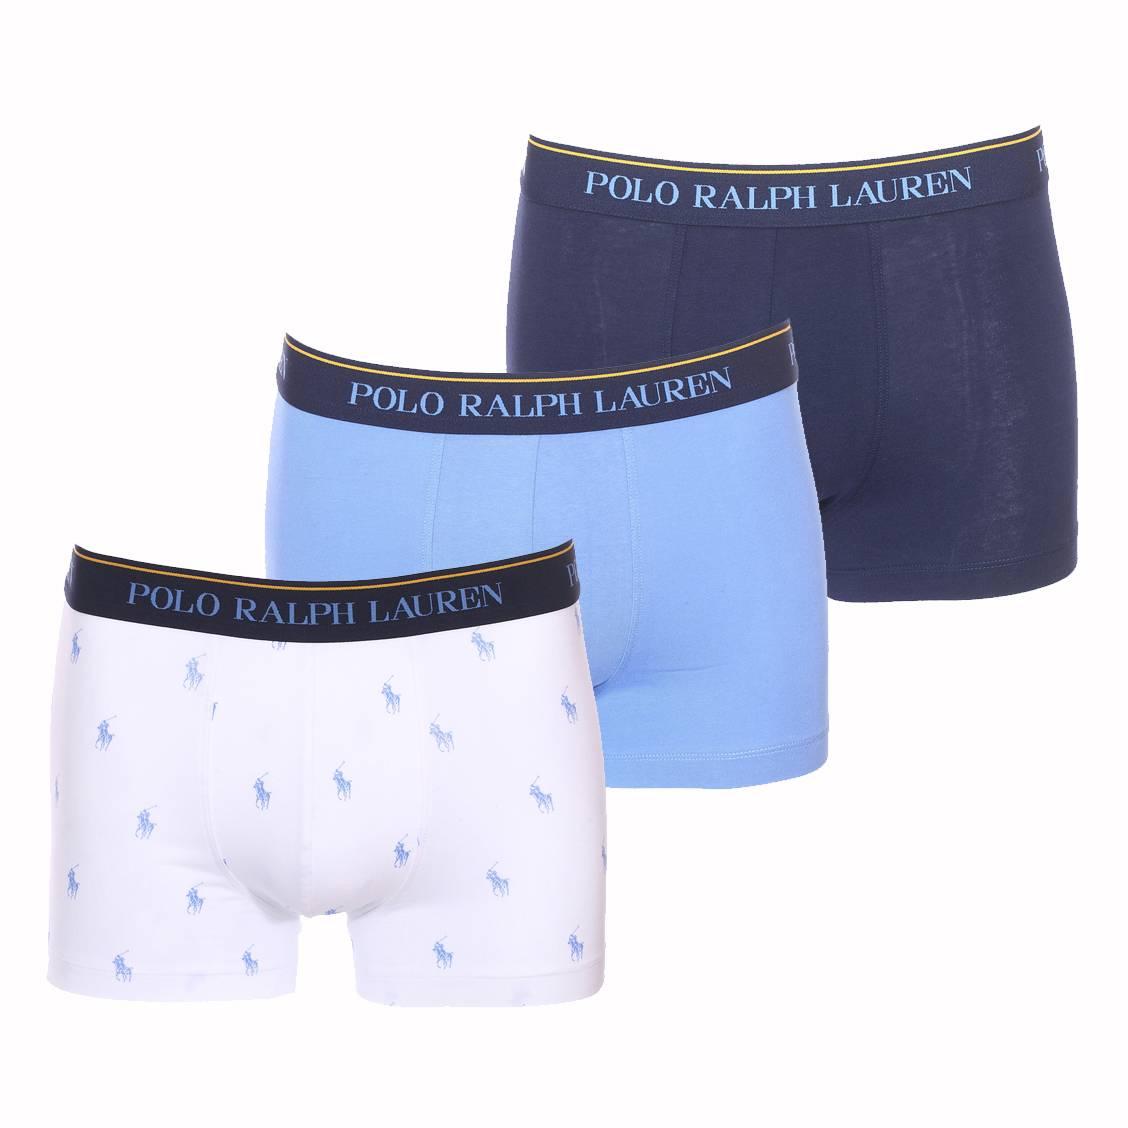 Lot de 3 boxers  en coton stretch bleu marine, bleu ciel et blanc logotypé